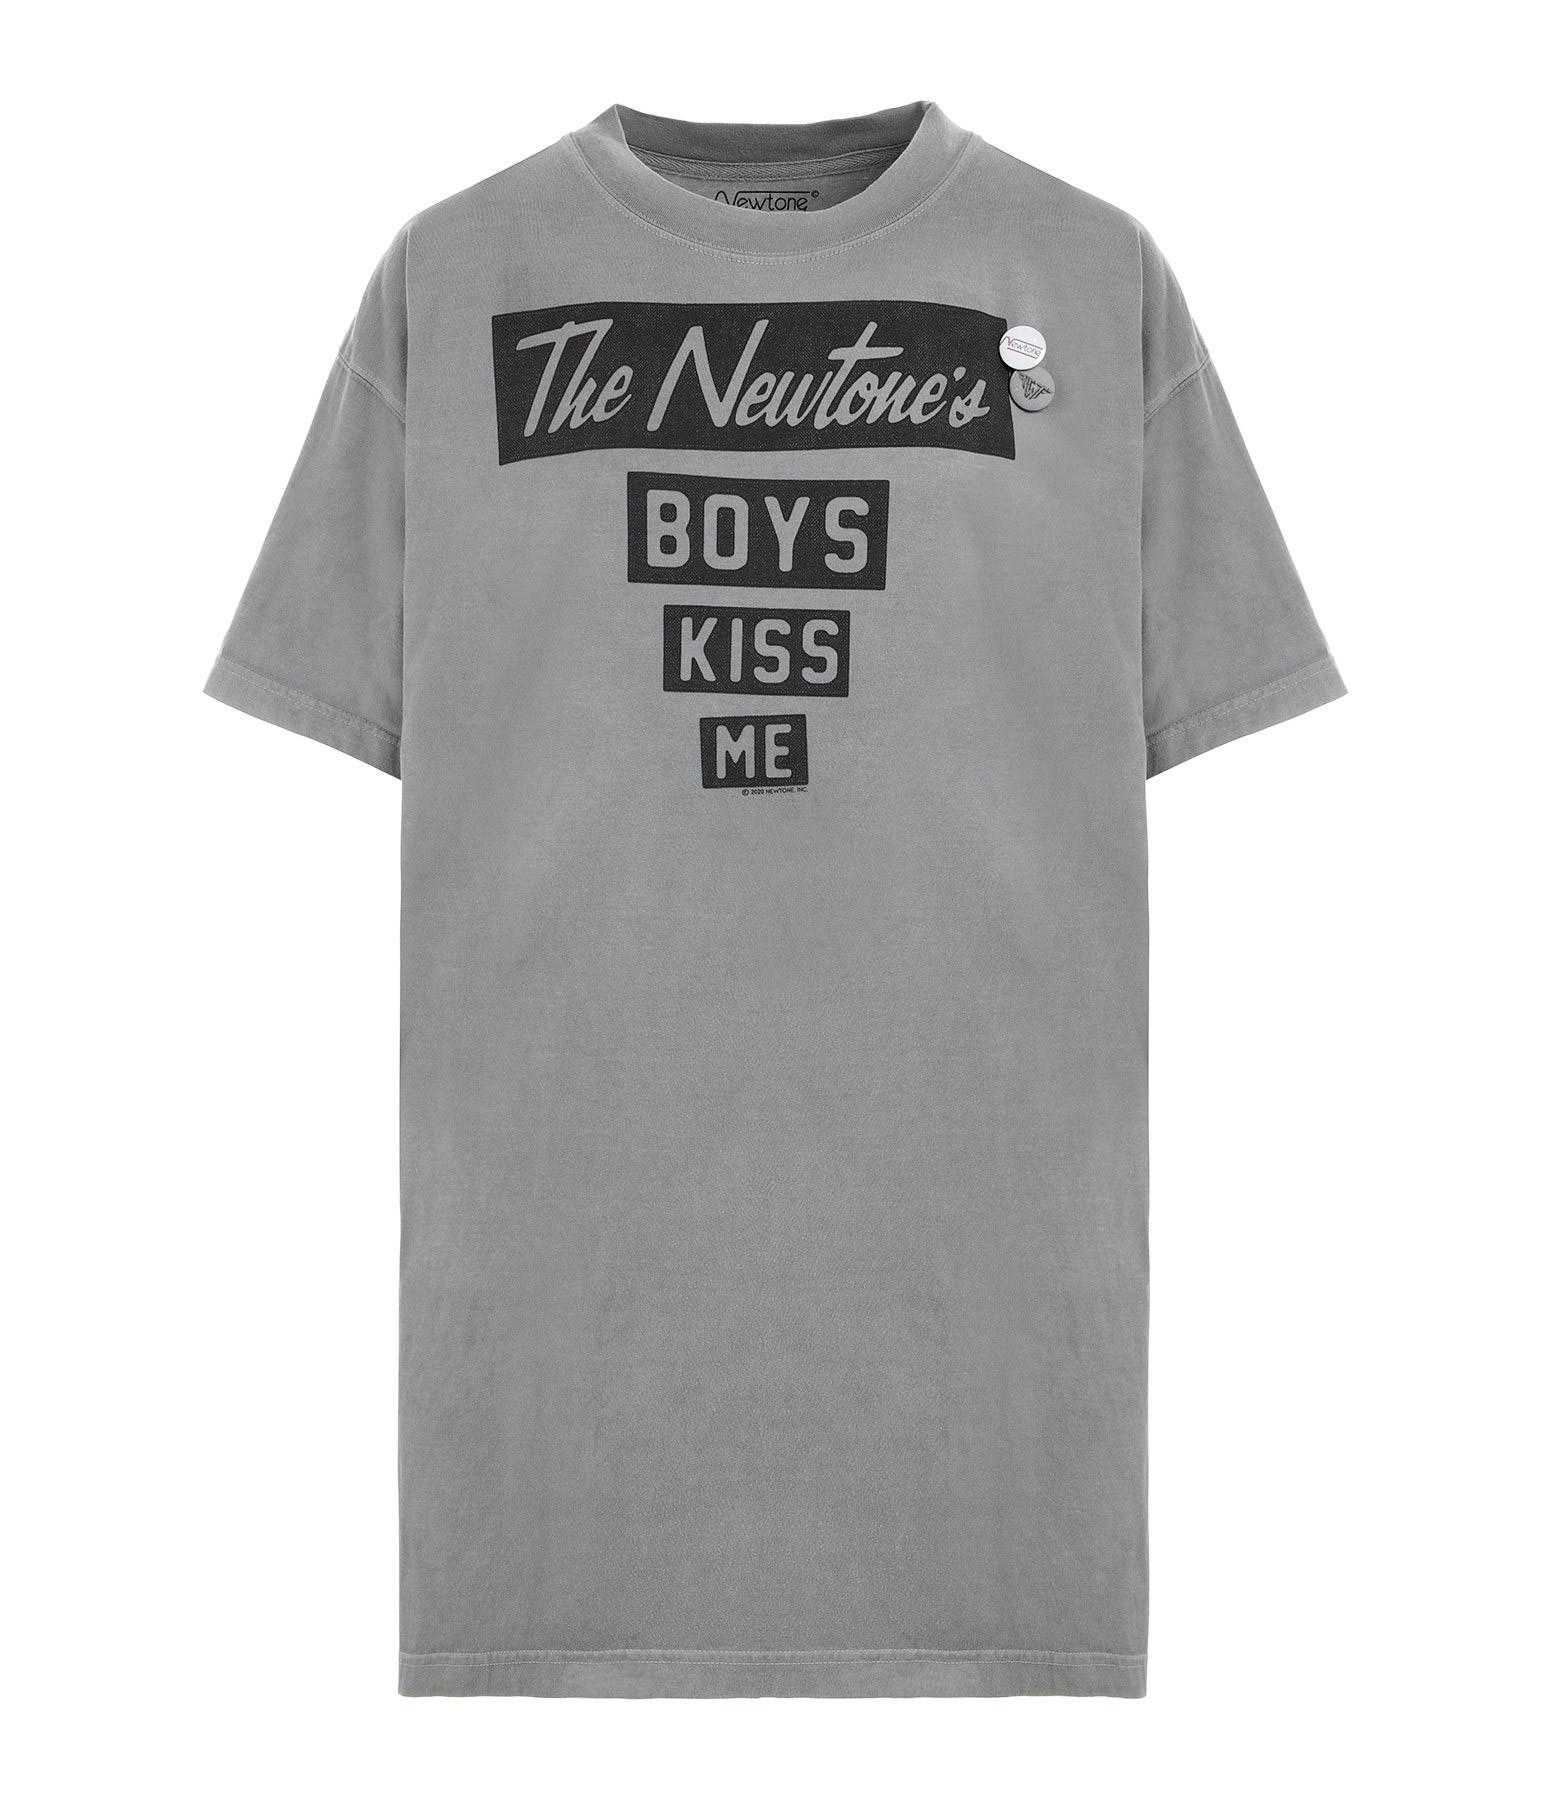 NEWTONE - Robe Kiss Me Coton Gris